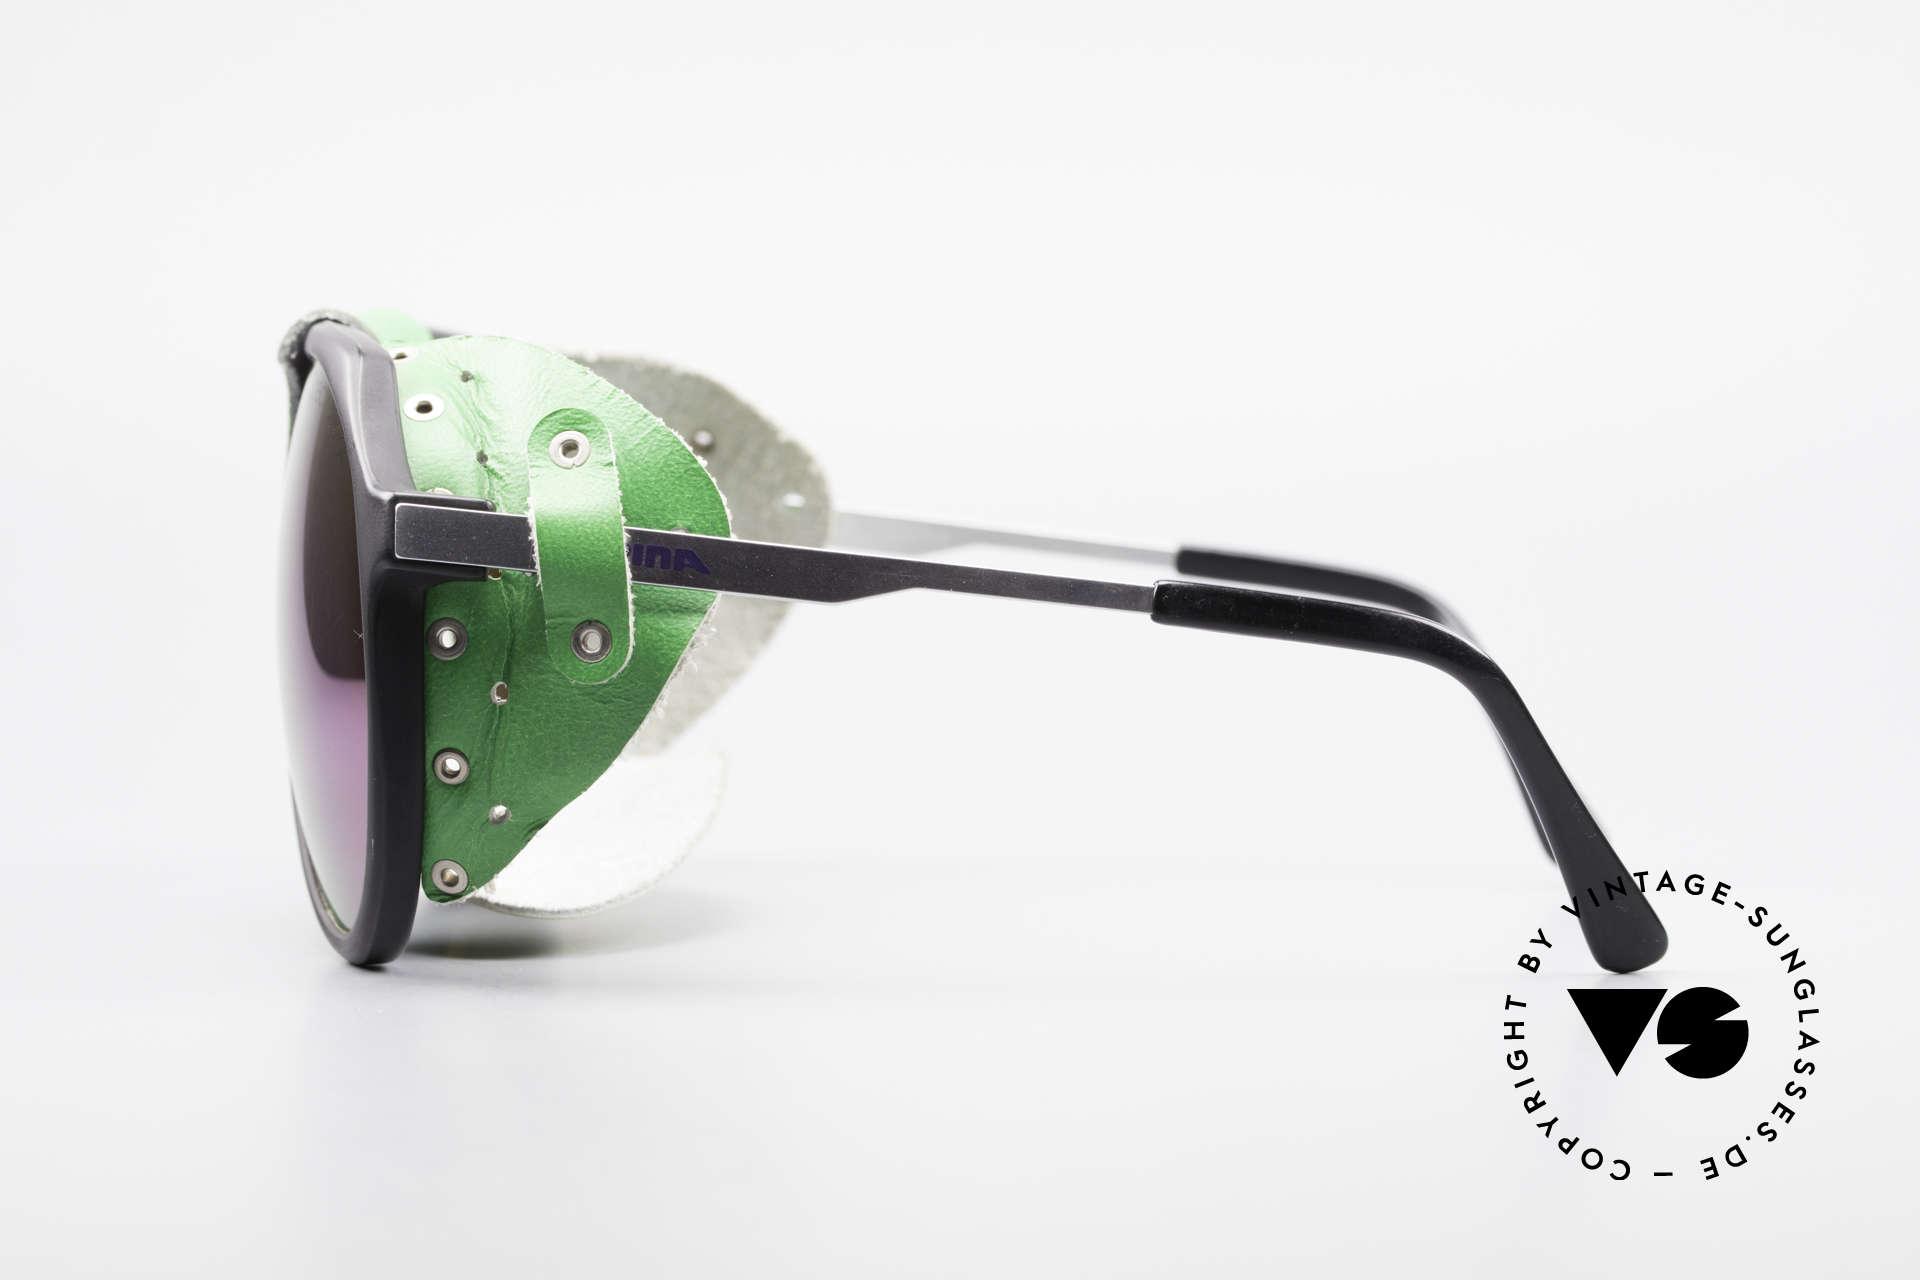 Alpina Profi Sports Glacier Sonnenbrille, somit auch als 'normale' Sonnenbrille tragbar (praktisch), Passend für Herren und Damen